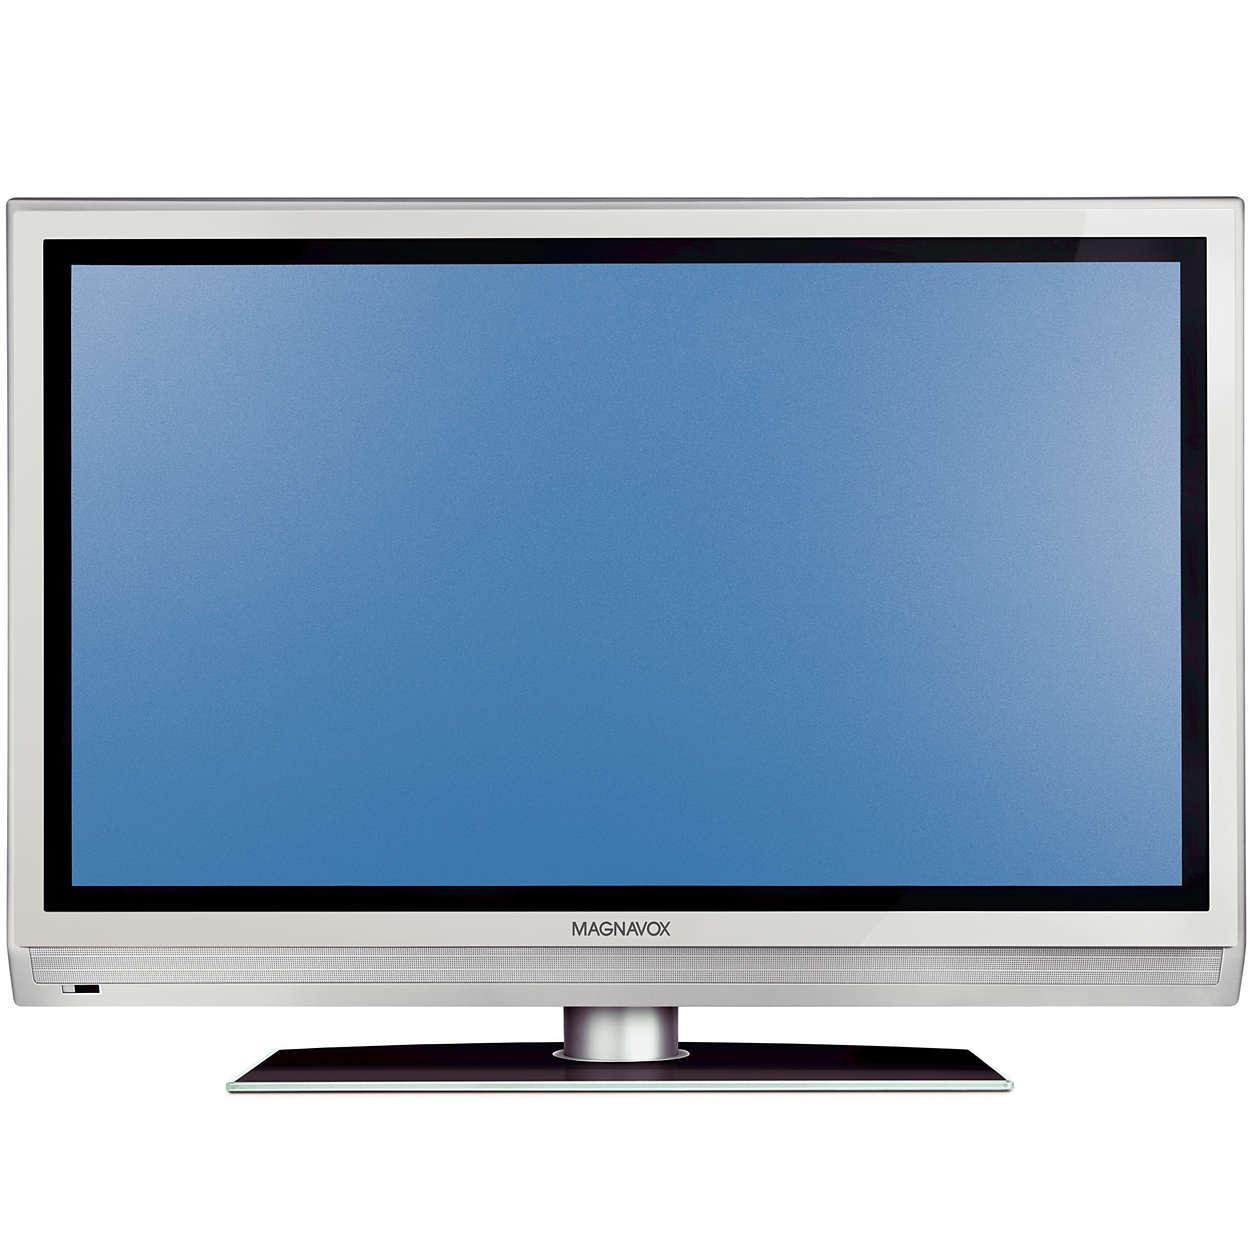 TVHD plasma 42po